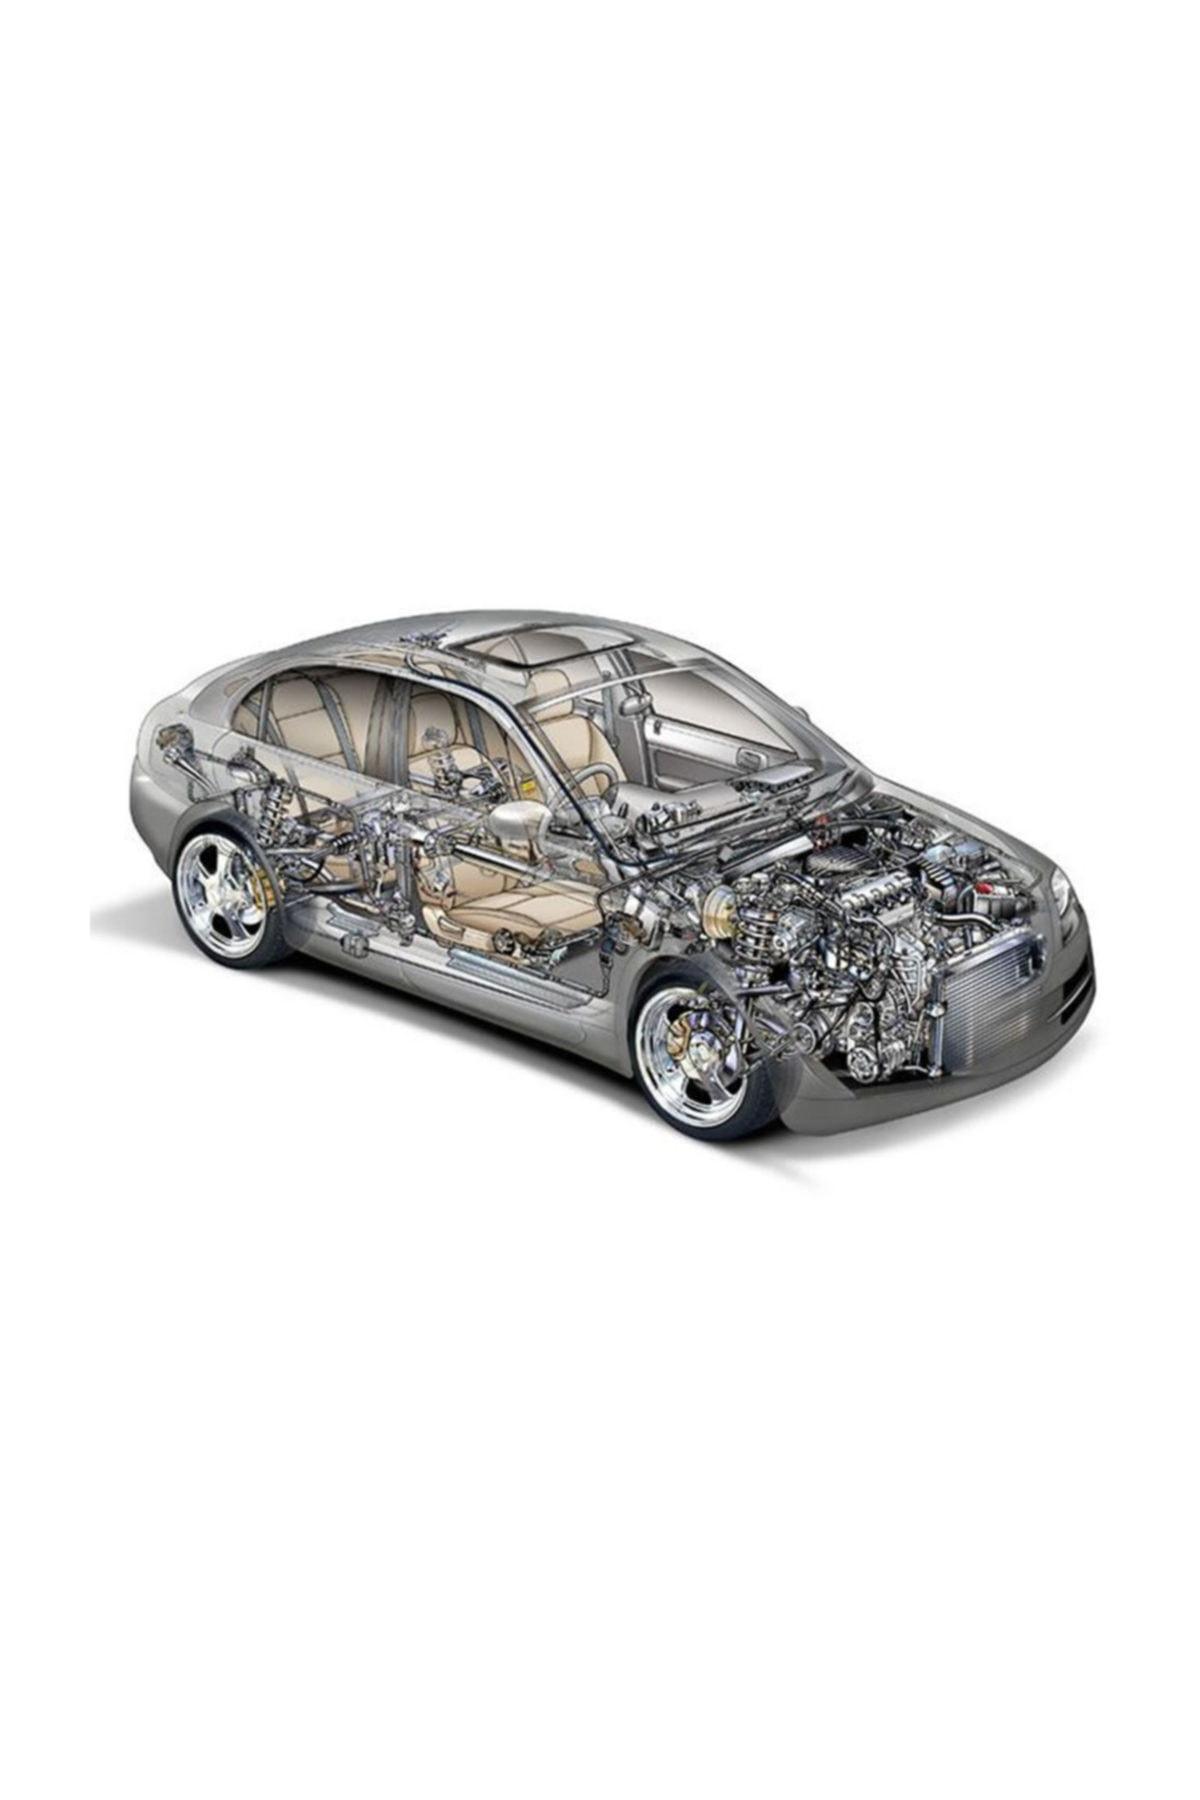 Silbak Silecek Supurgesi Arka Plastik Tip 380mm Ford Focus Ii (07040106) -7gp 18a886 Ab, Am5t 18a886 Aa, 97 1